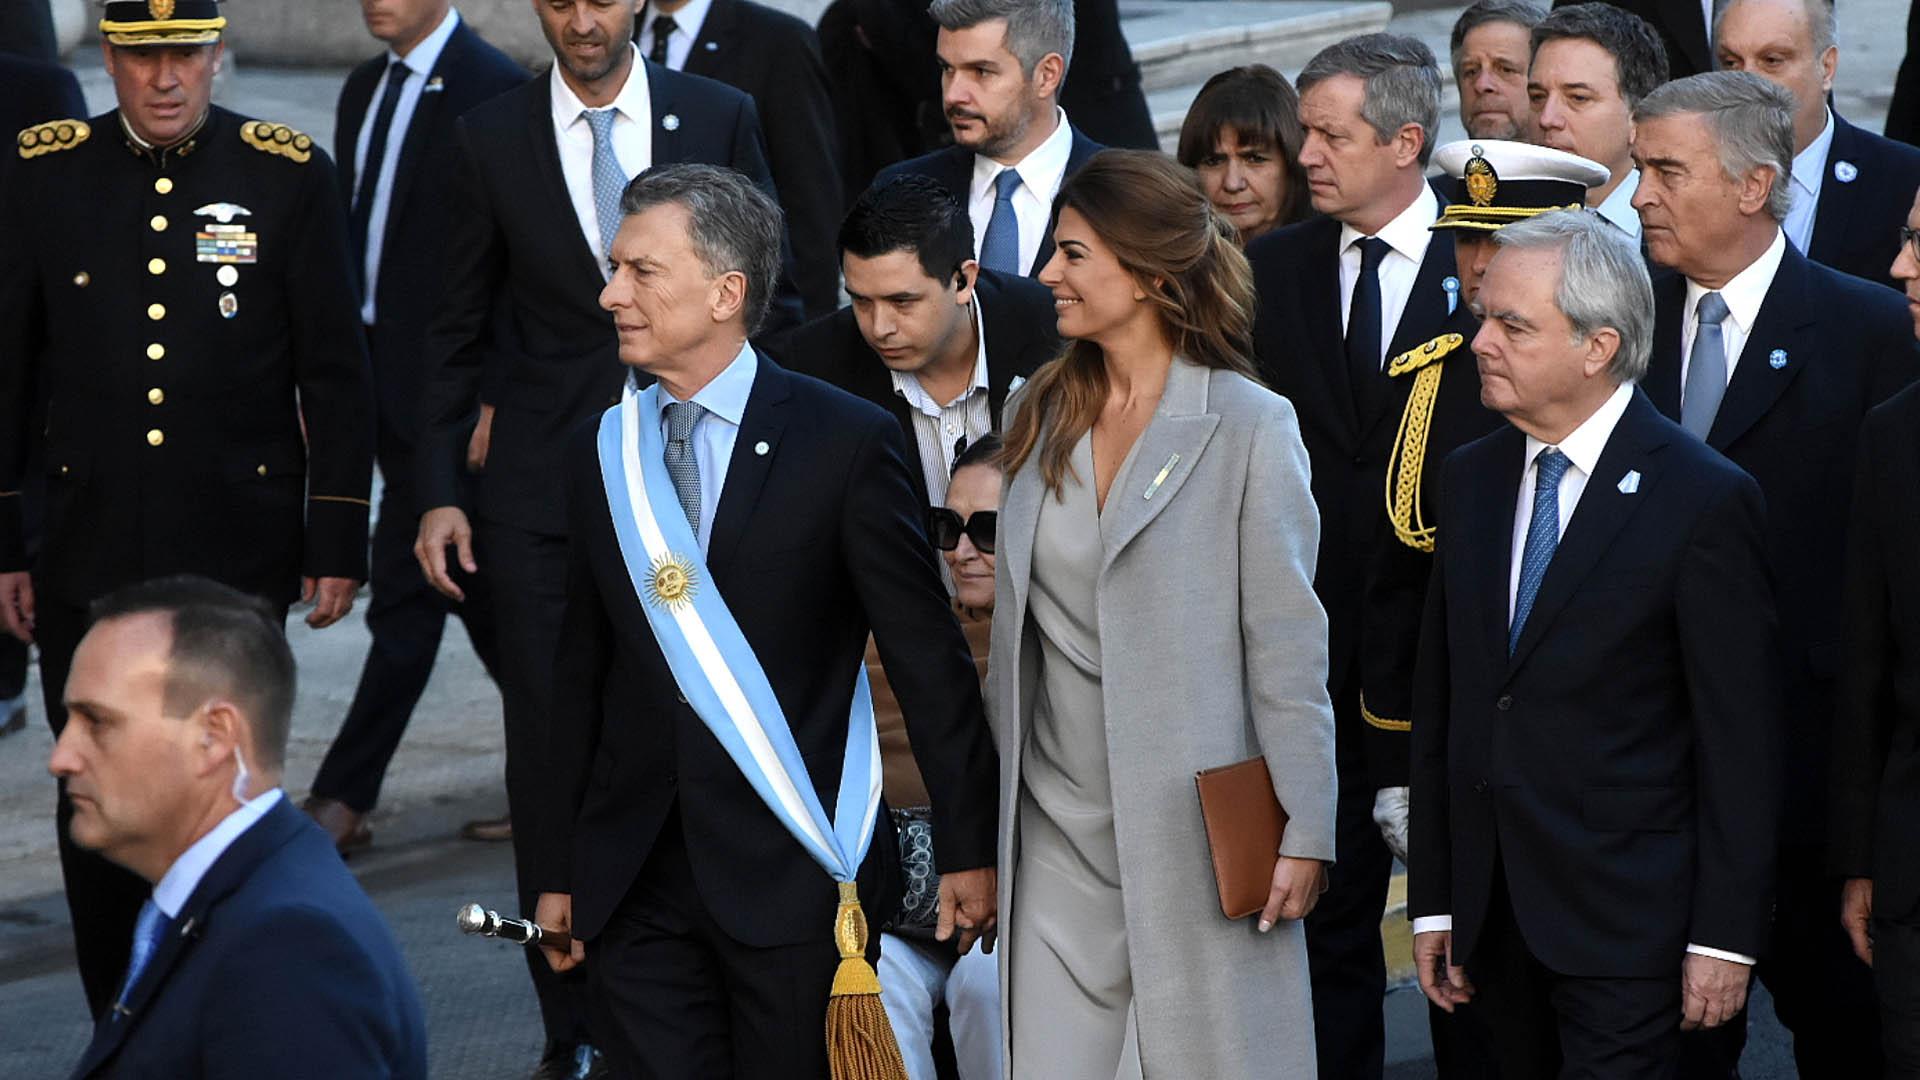 El presidenta Mauricio Macri arribó la Catedral Metropolitana de la mano de su mujer, Juliana Awada